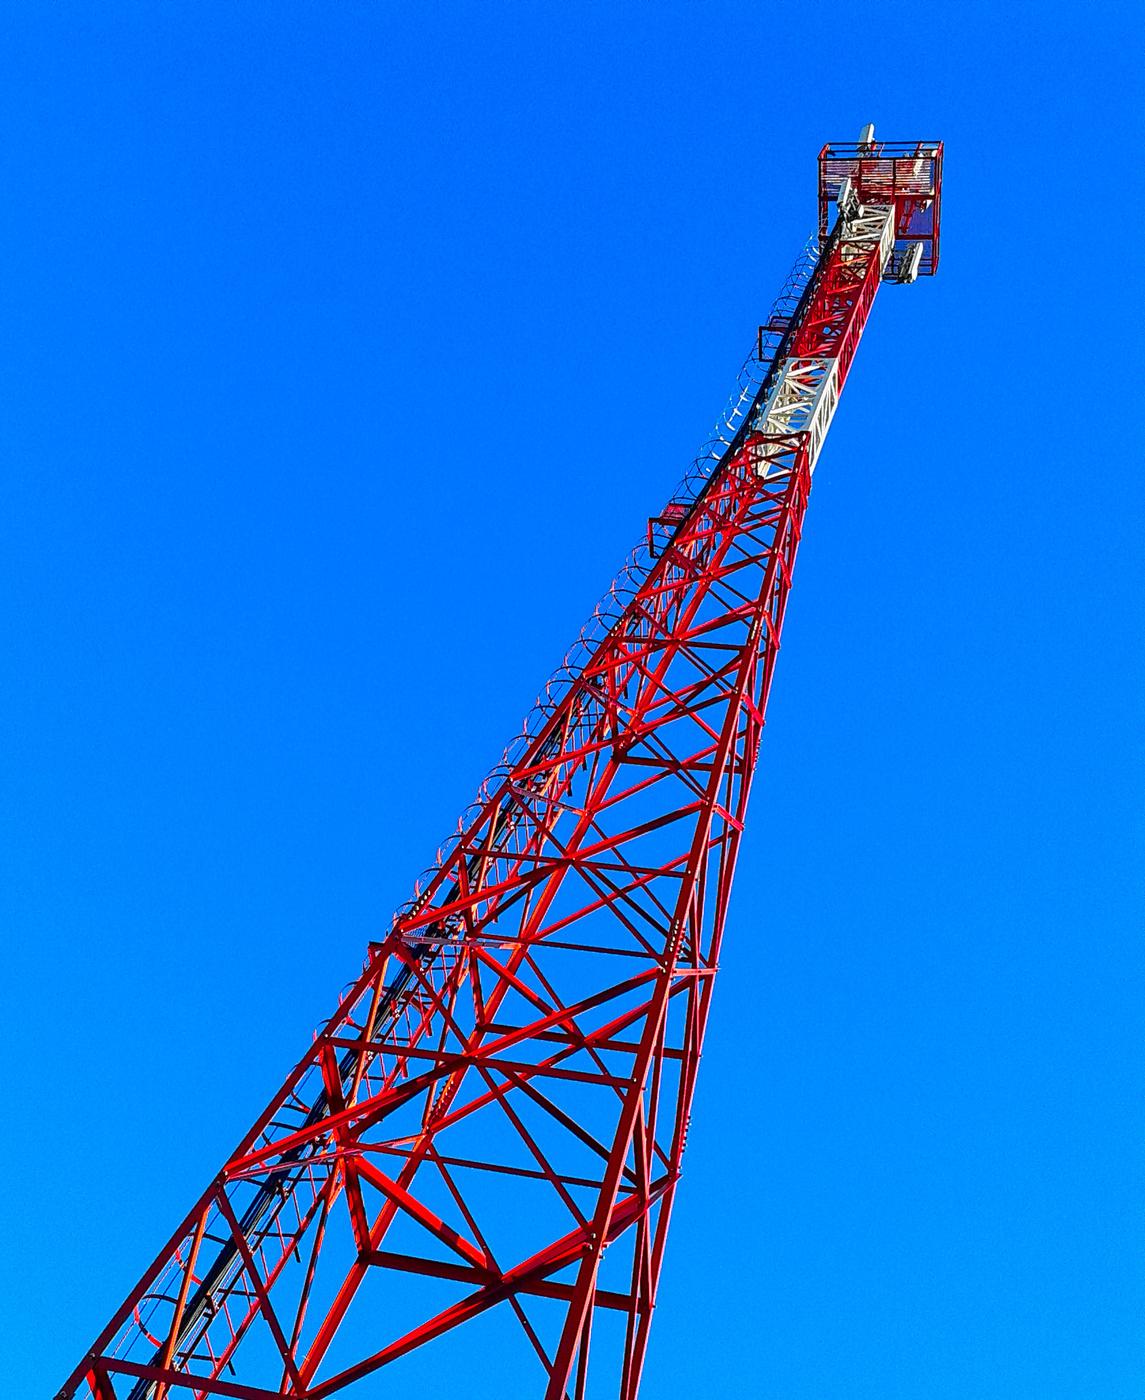 Картинка башня связи